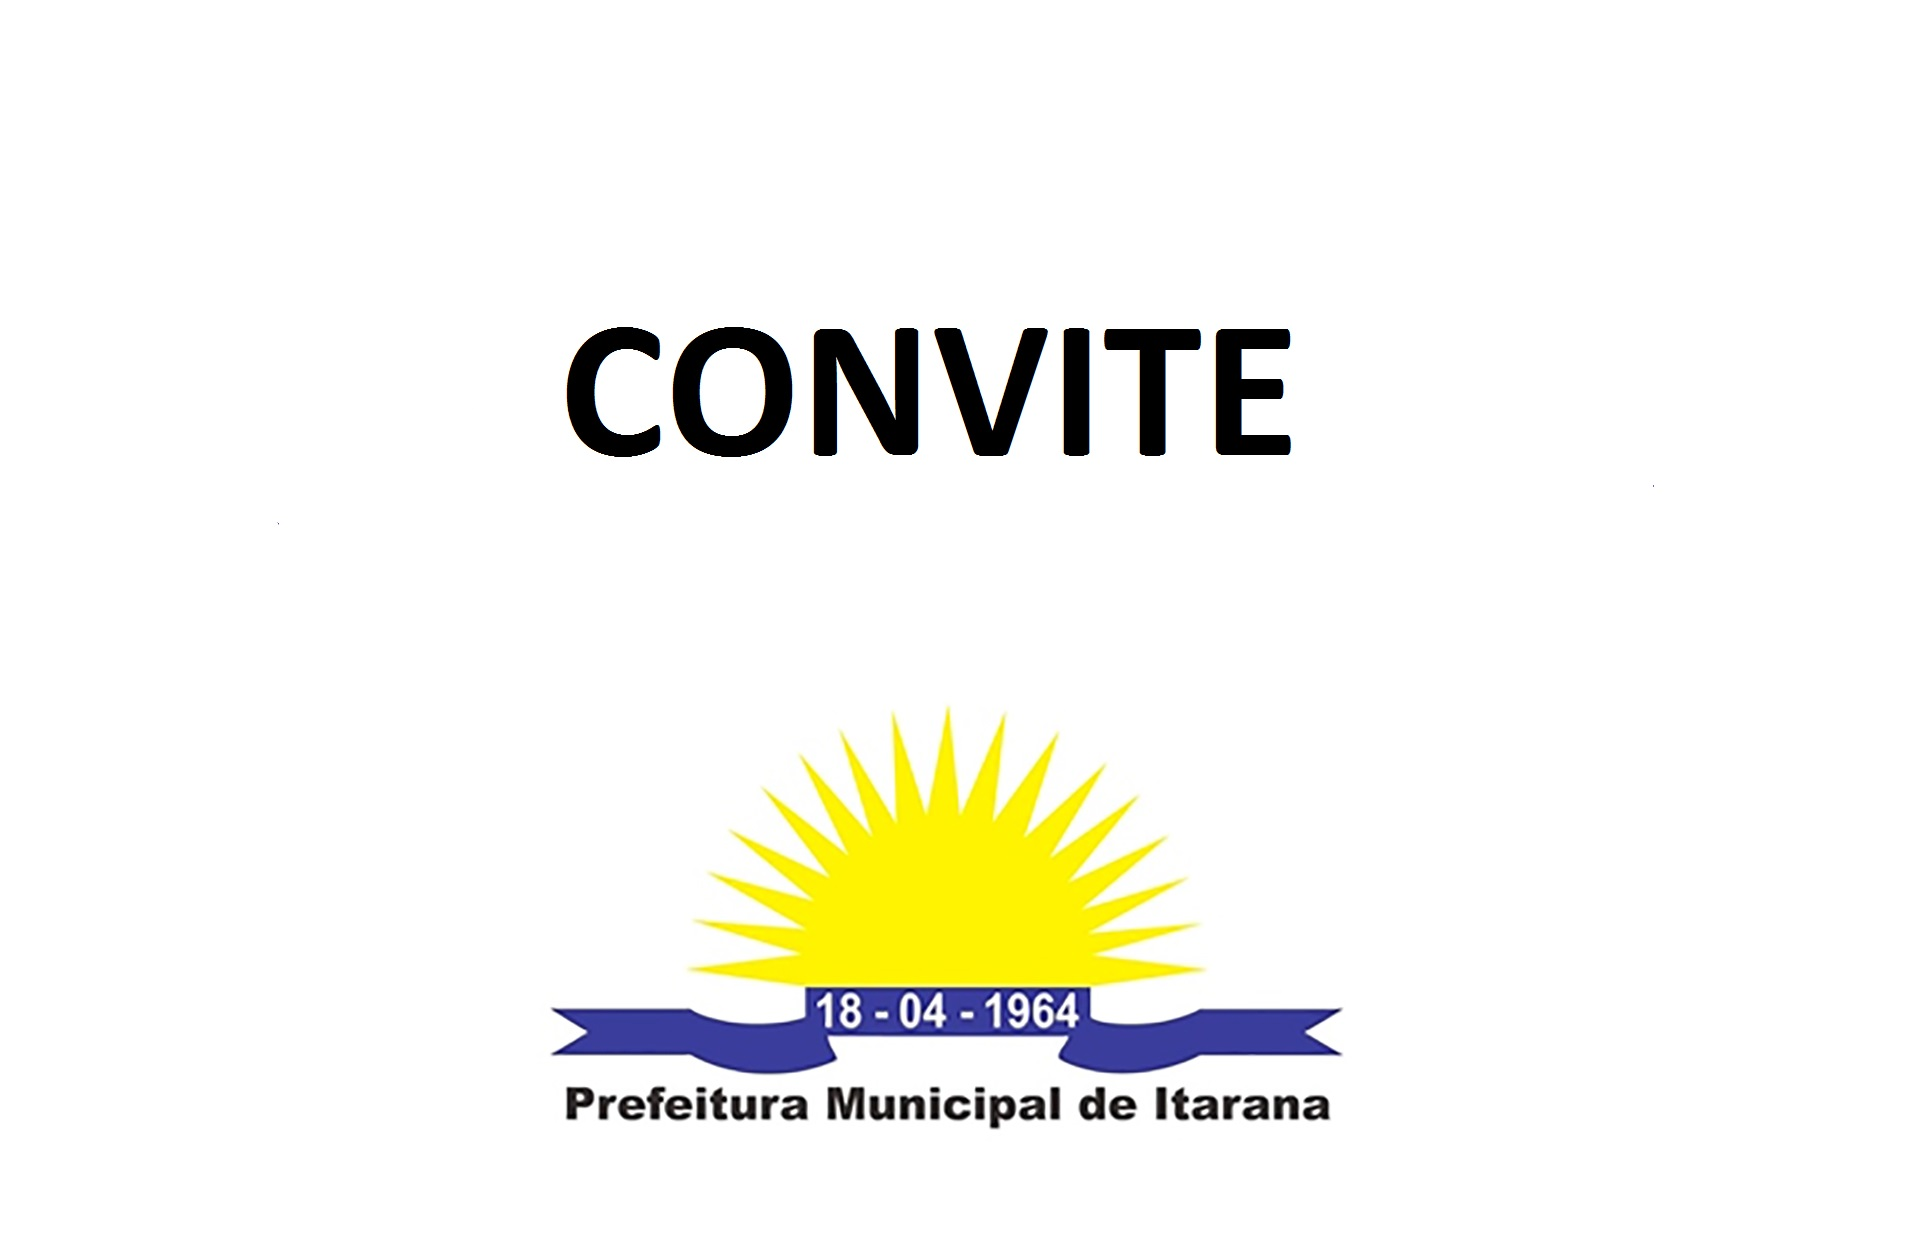 Convite: assinatura de ordem de serviço para manutenção do asfalto de Limoeiro de Santo Antônio